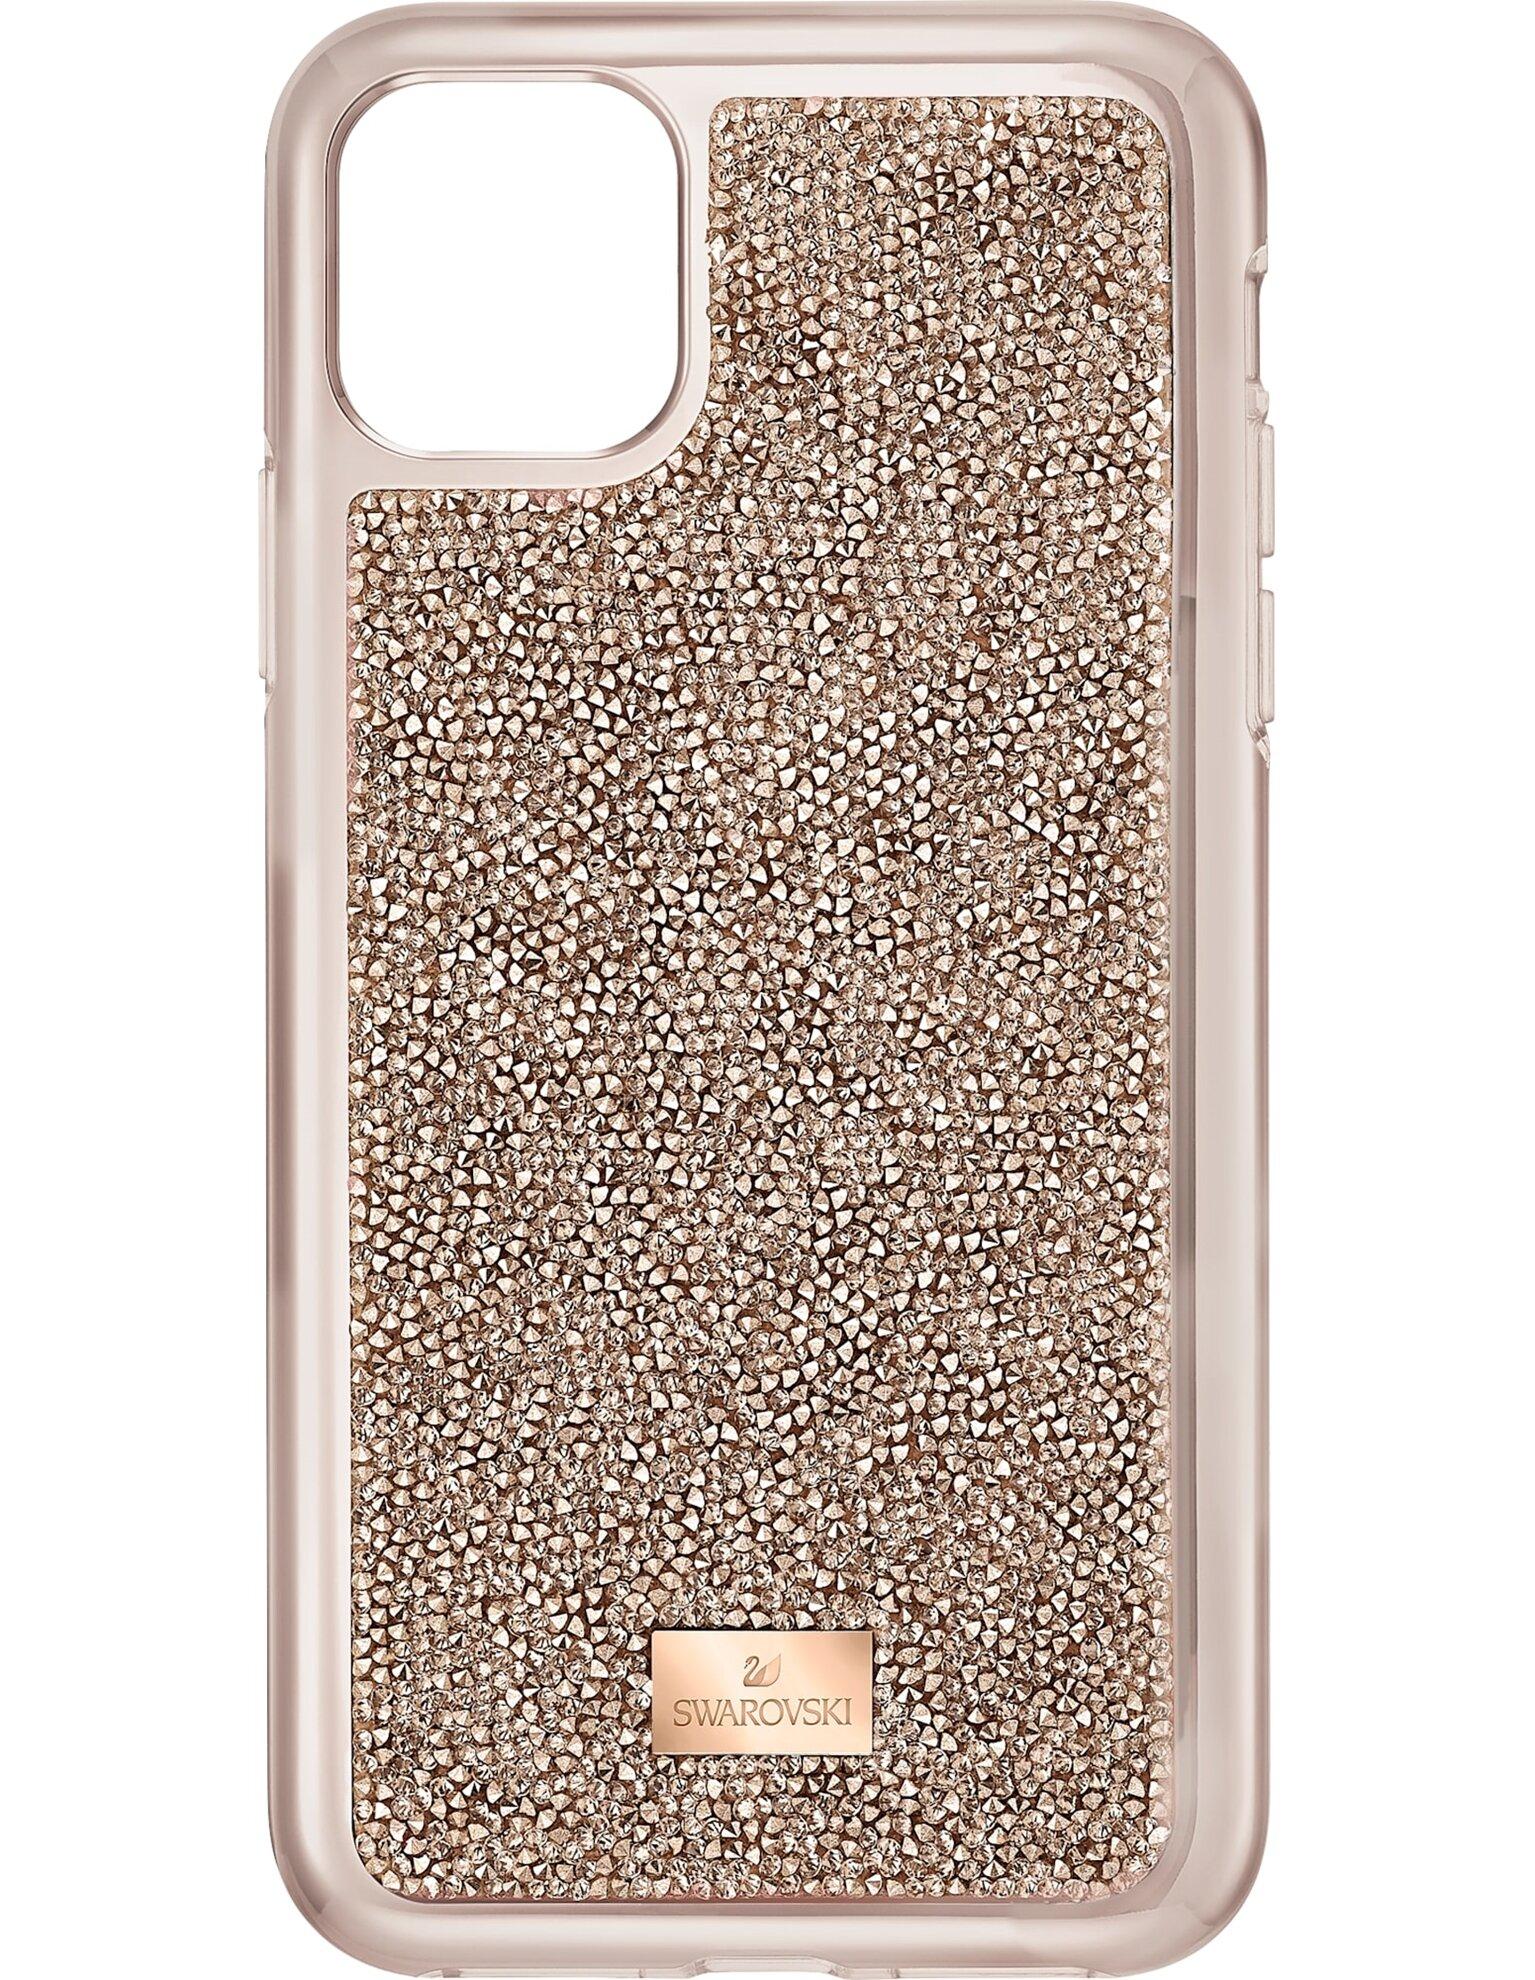 Picture of Glam Rock Koruyuculu Akıllı Telefon Kılıf, iPhone® 11 Pro Max, Rose Altın tonu